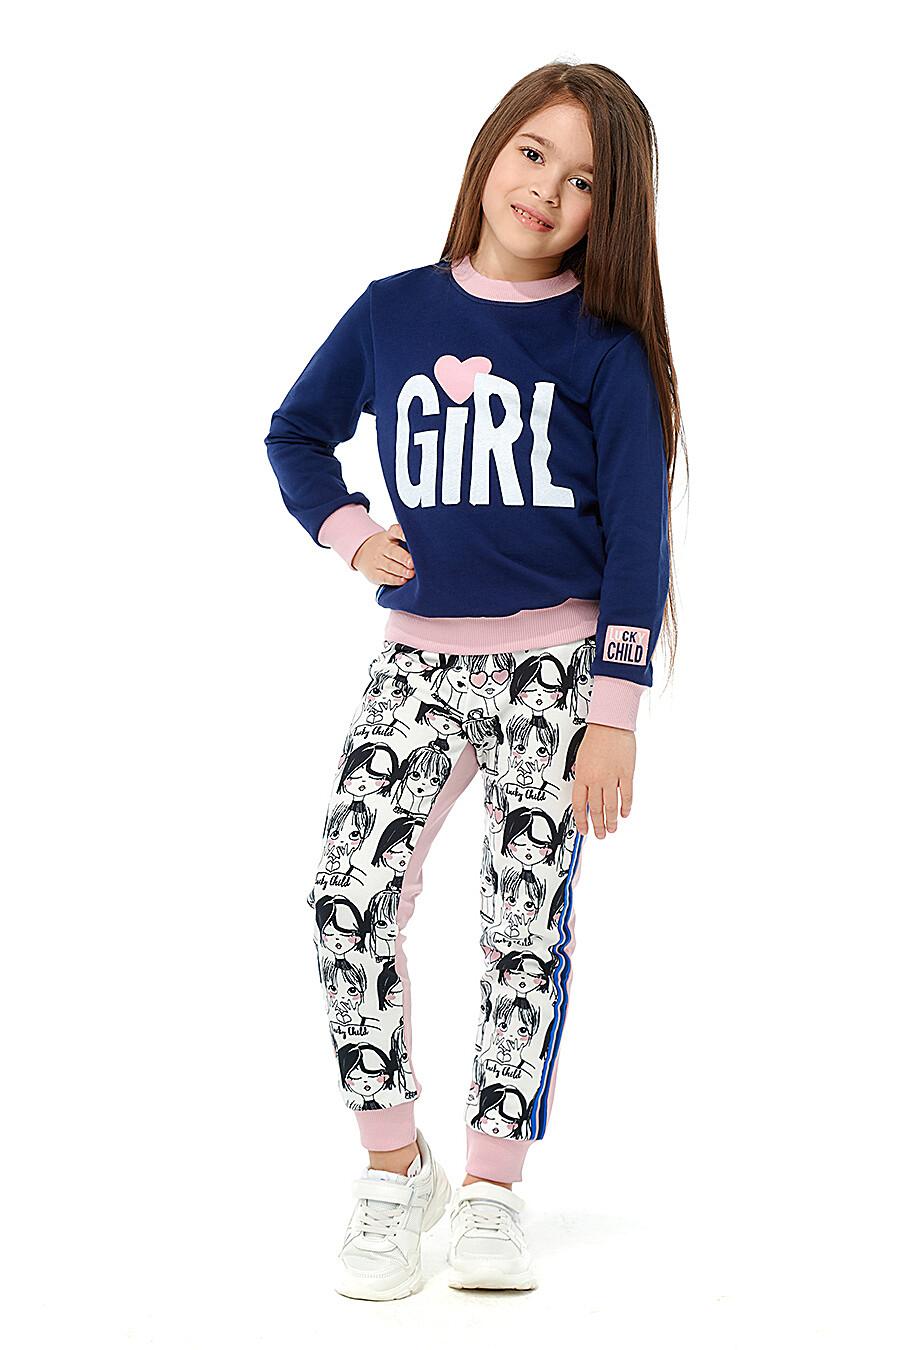 Брюки для девочек LUCKY CHILD 184477 купить оптом от производителя. Совместная покупка детской одежды в OptMoyo